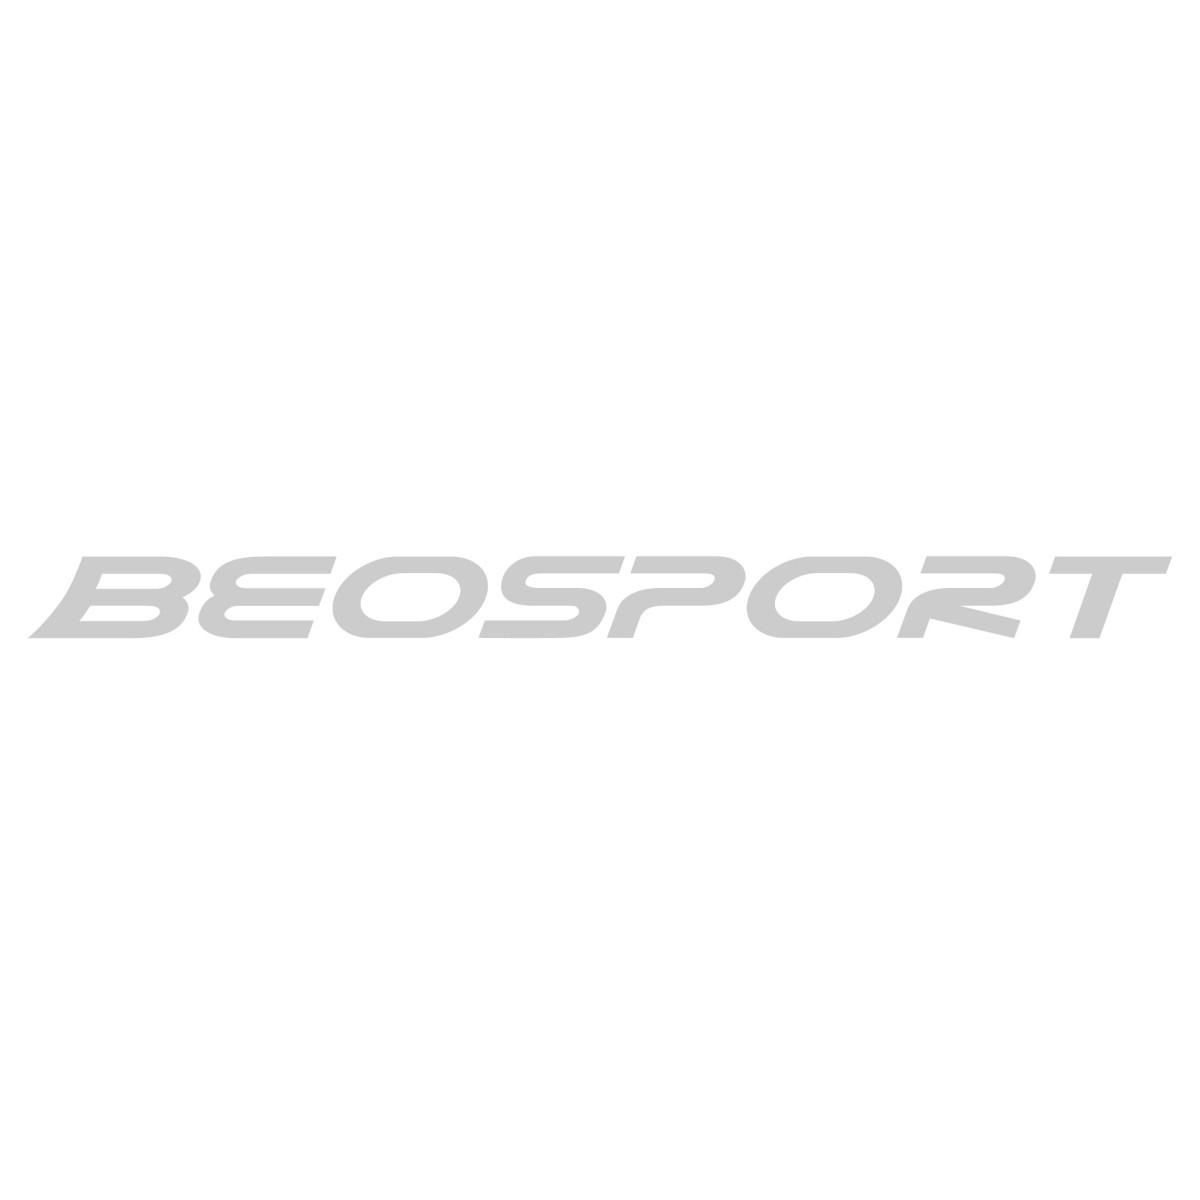 Wilson Revolve Spin 16 Reel Bk žica za tenis